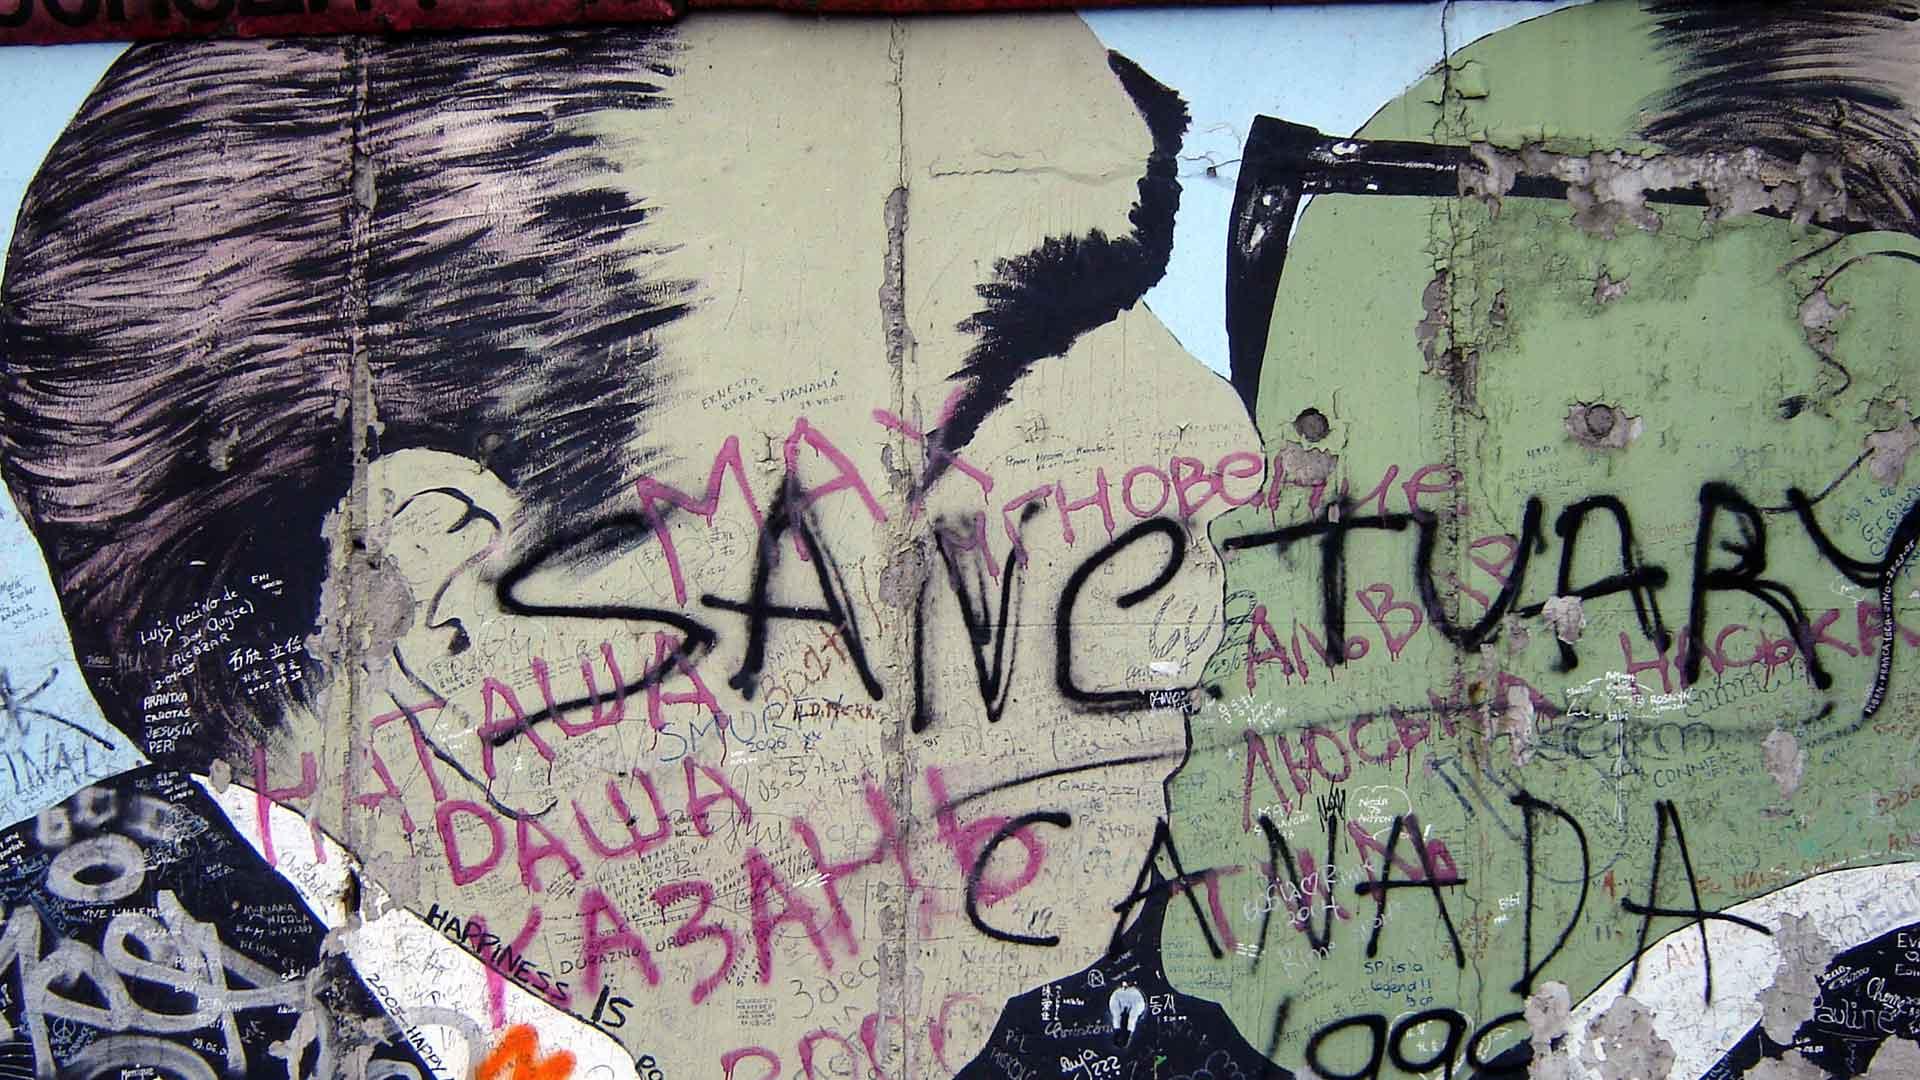 De broederkus: een populaire graffiti aan de Berlijnse muur.